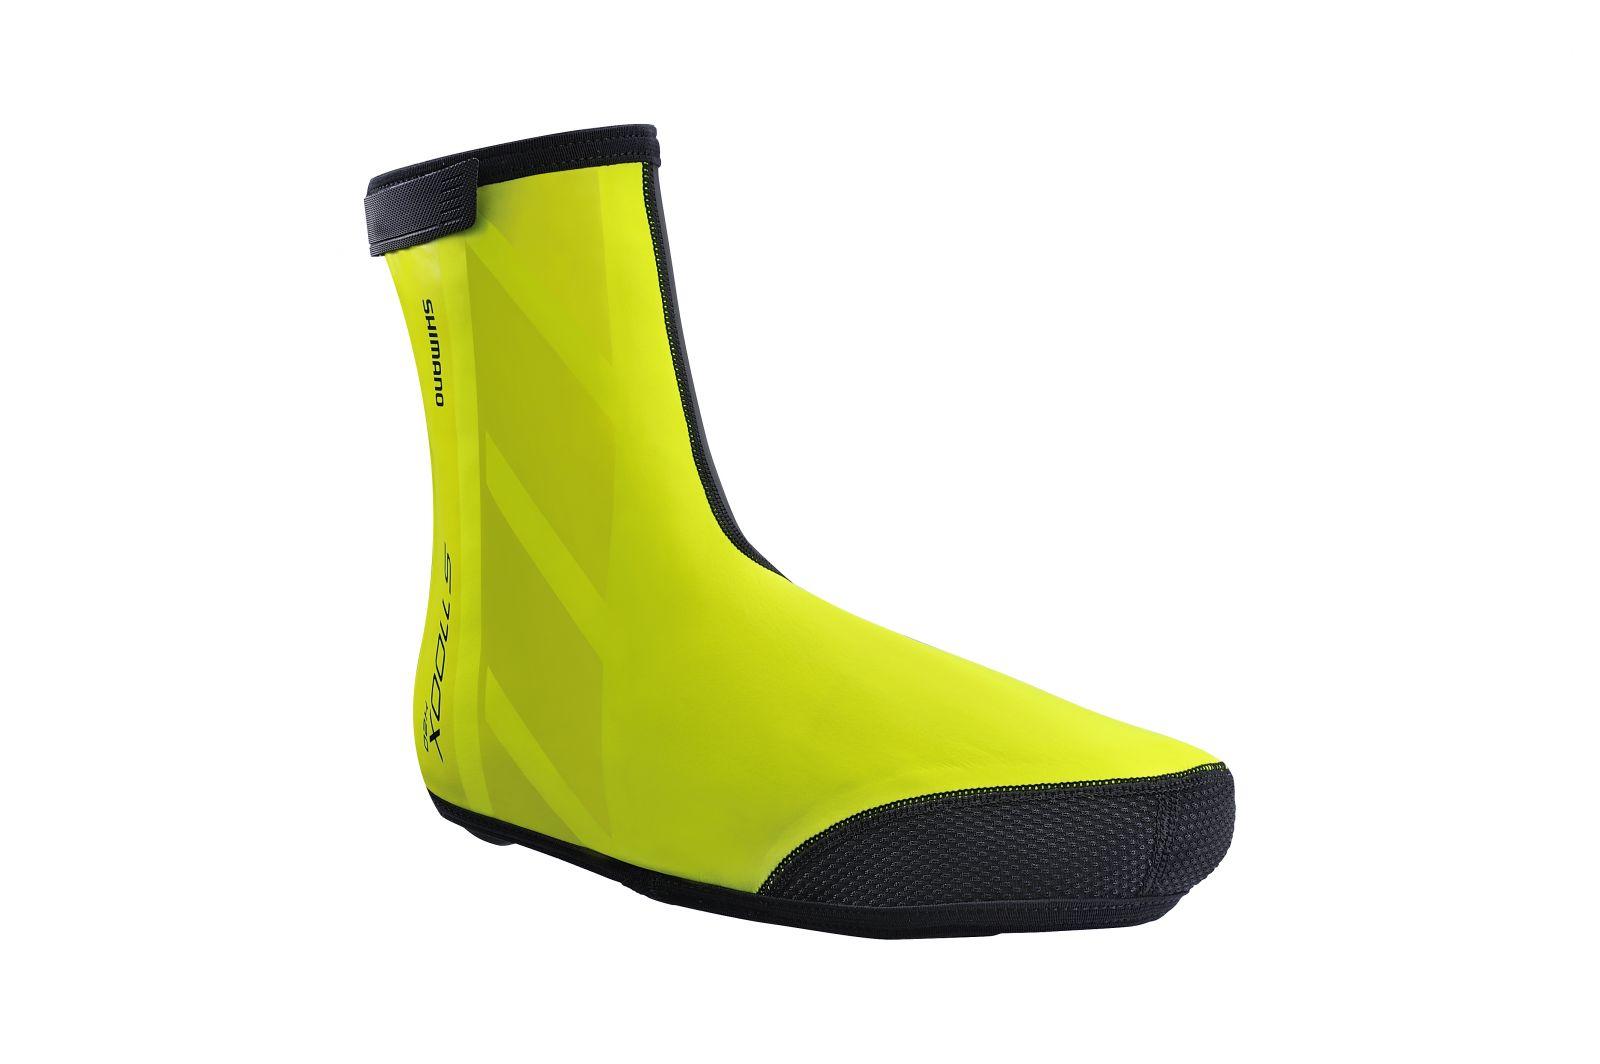 SHIMANO S1100X H2O návleky na obuv, Neon žlutá, L